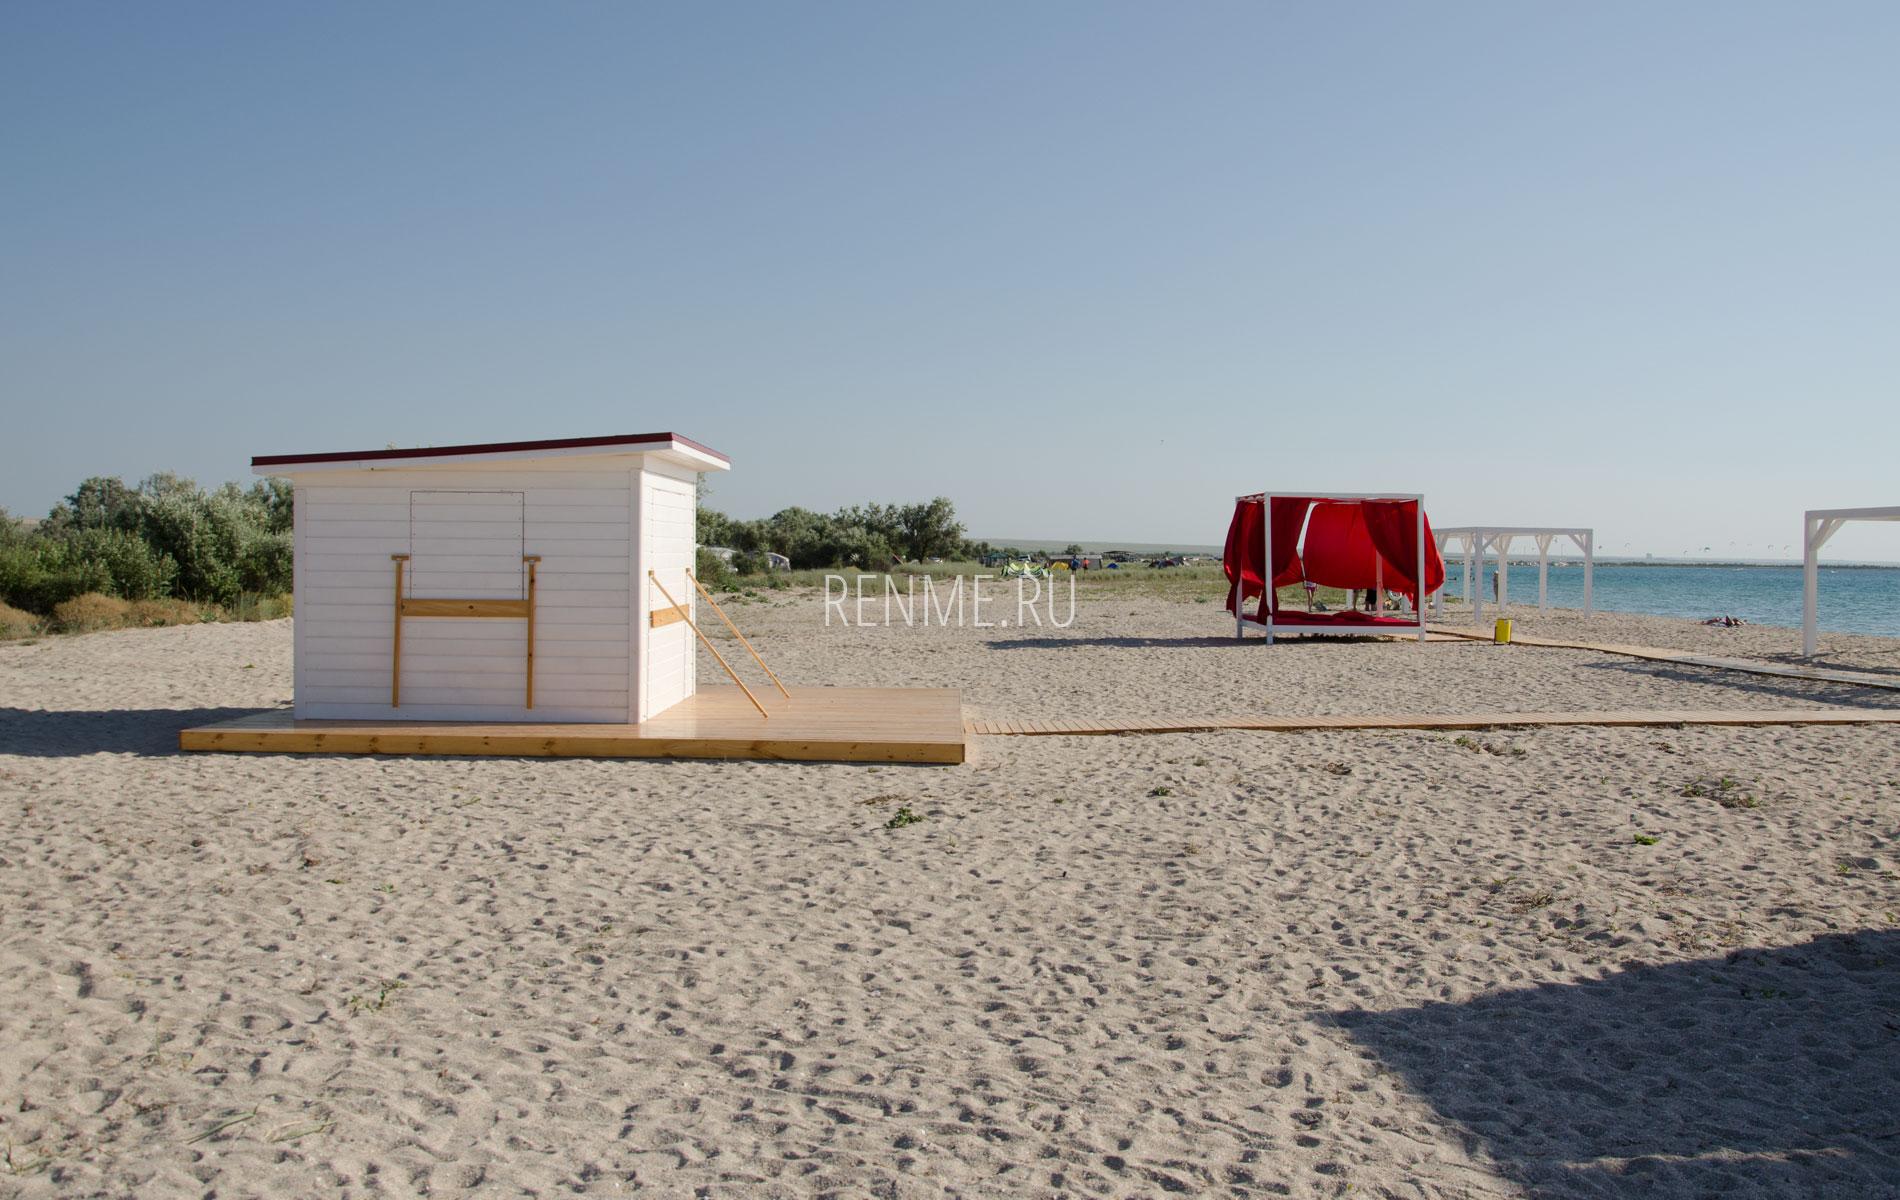 Пляж с удобствами в Межводном 2019. Фото Межводного